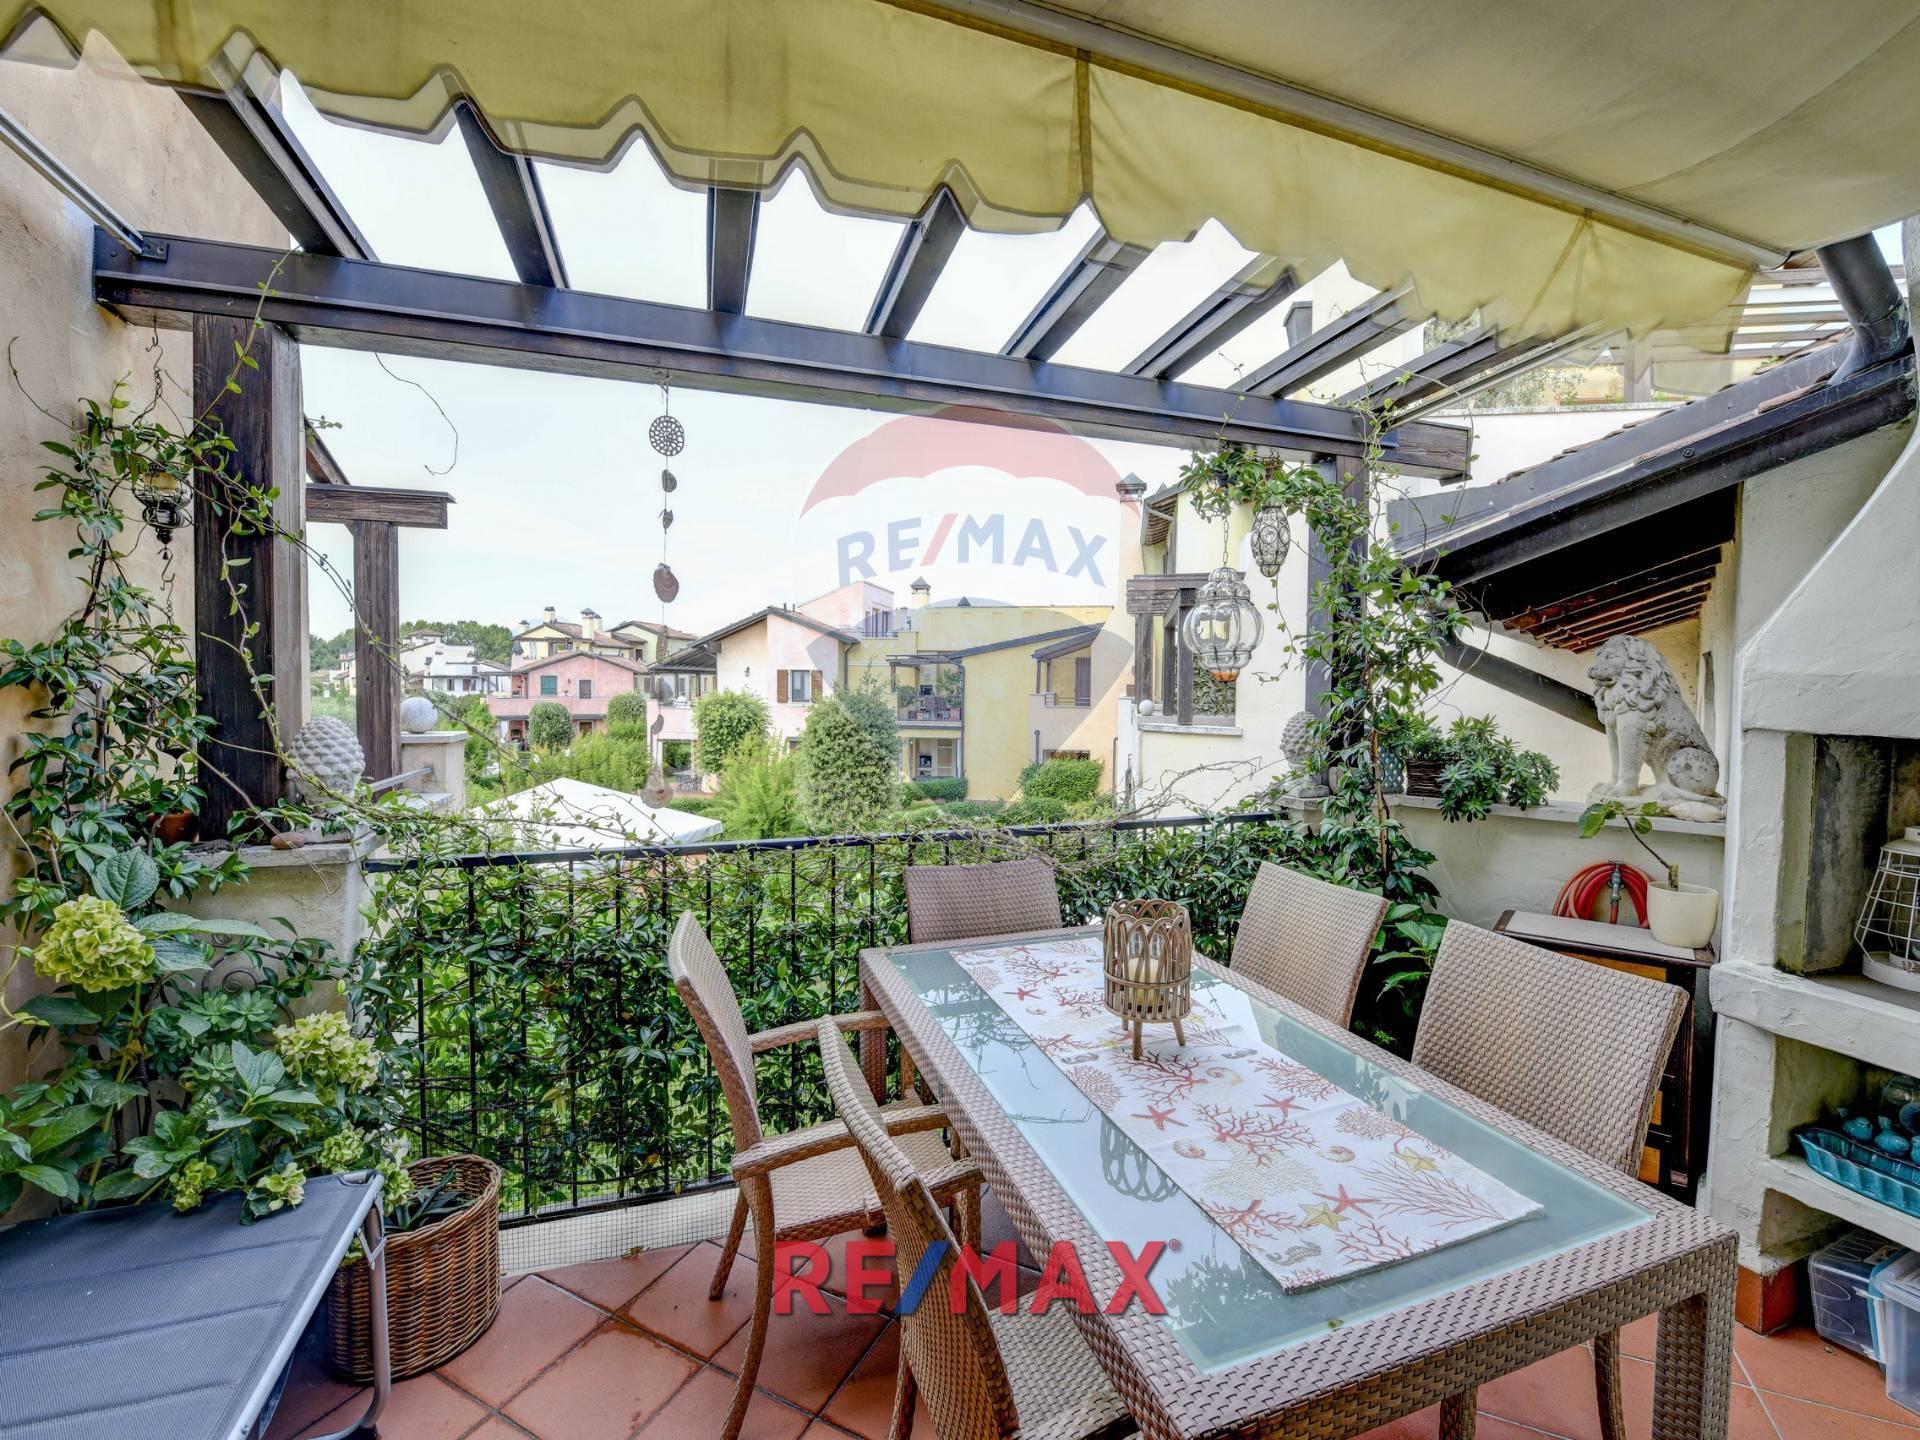 Appartamento in vendita a Peschiera del Garda, 2 locali, zona Località: SanBenedettodiLugana, prezzo € 188.000   PortaleAgenzieImmobiliari.it